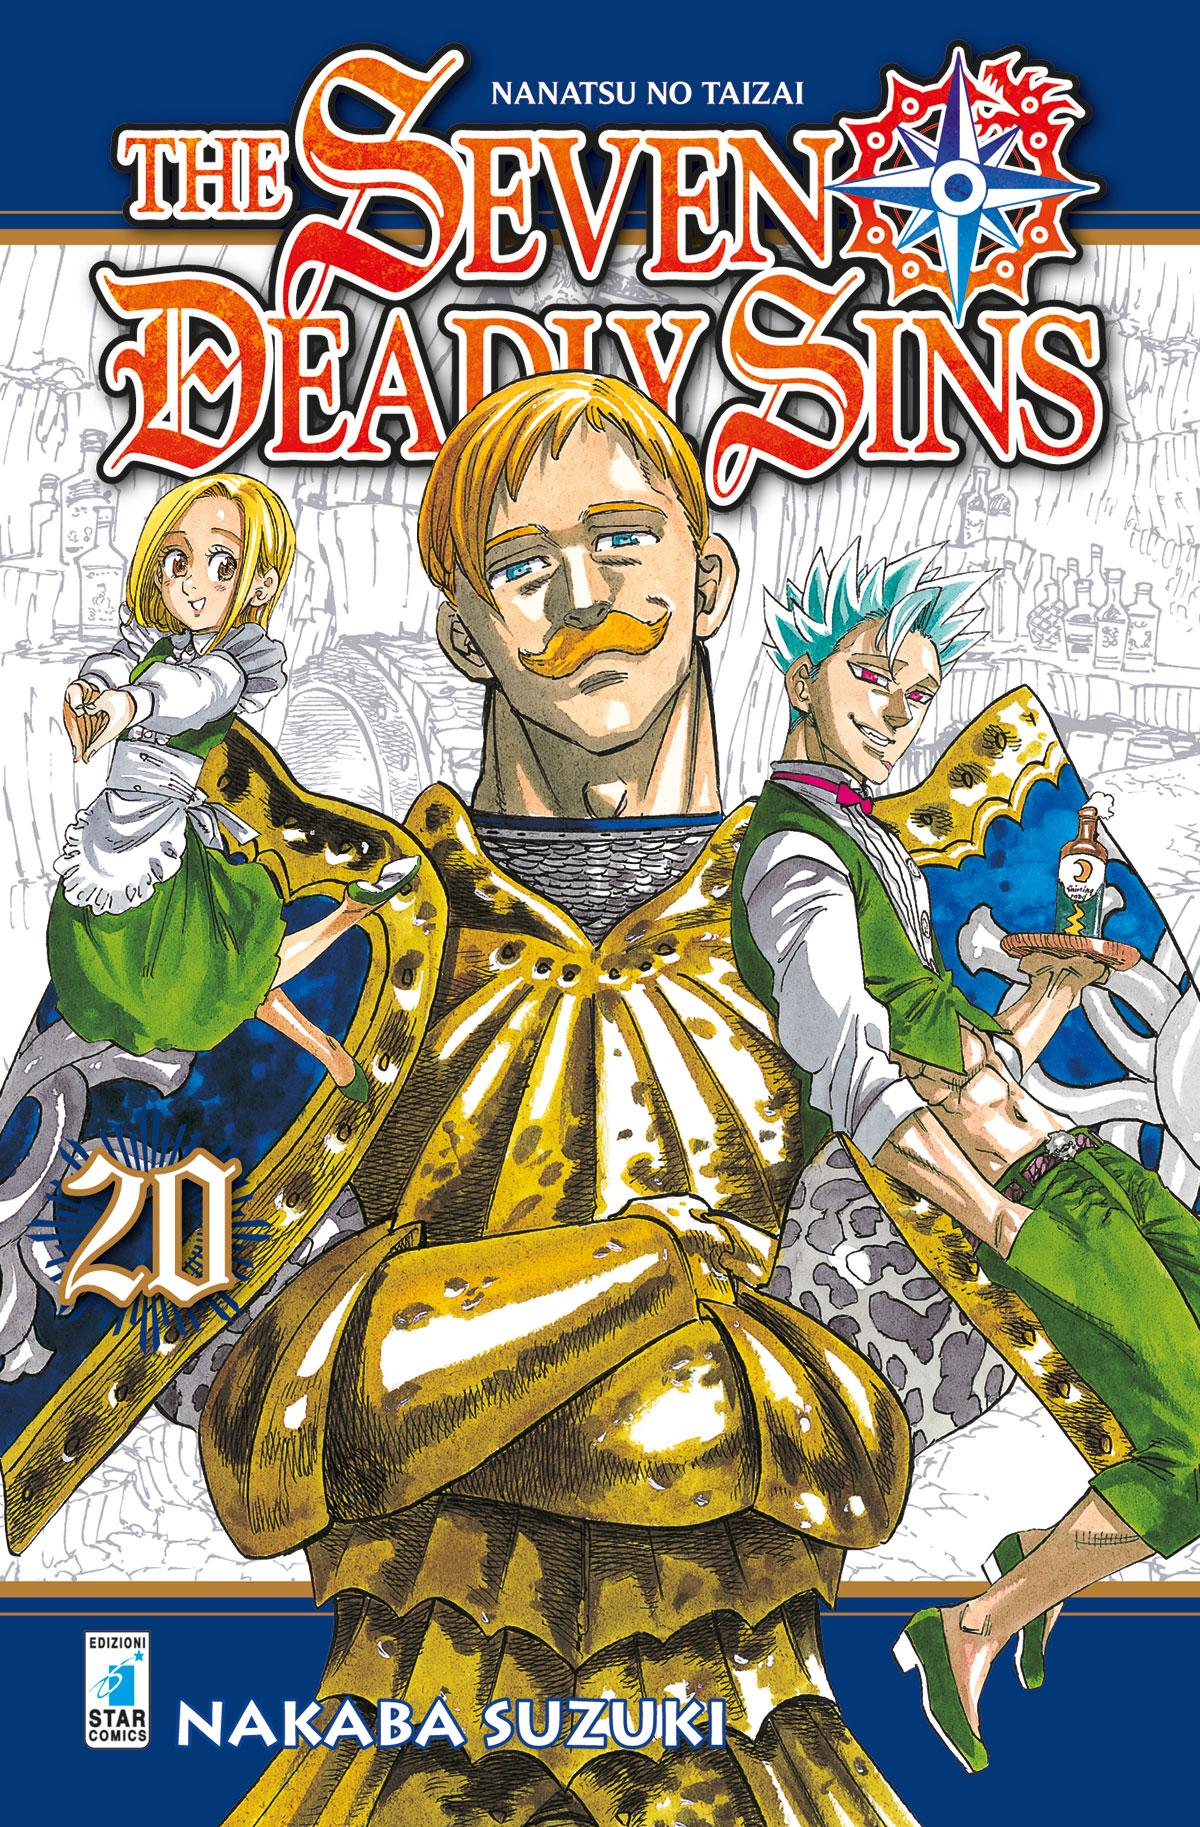 Risultati immagini per The seven deadly sins 20 Star comics